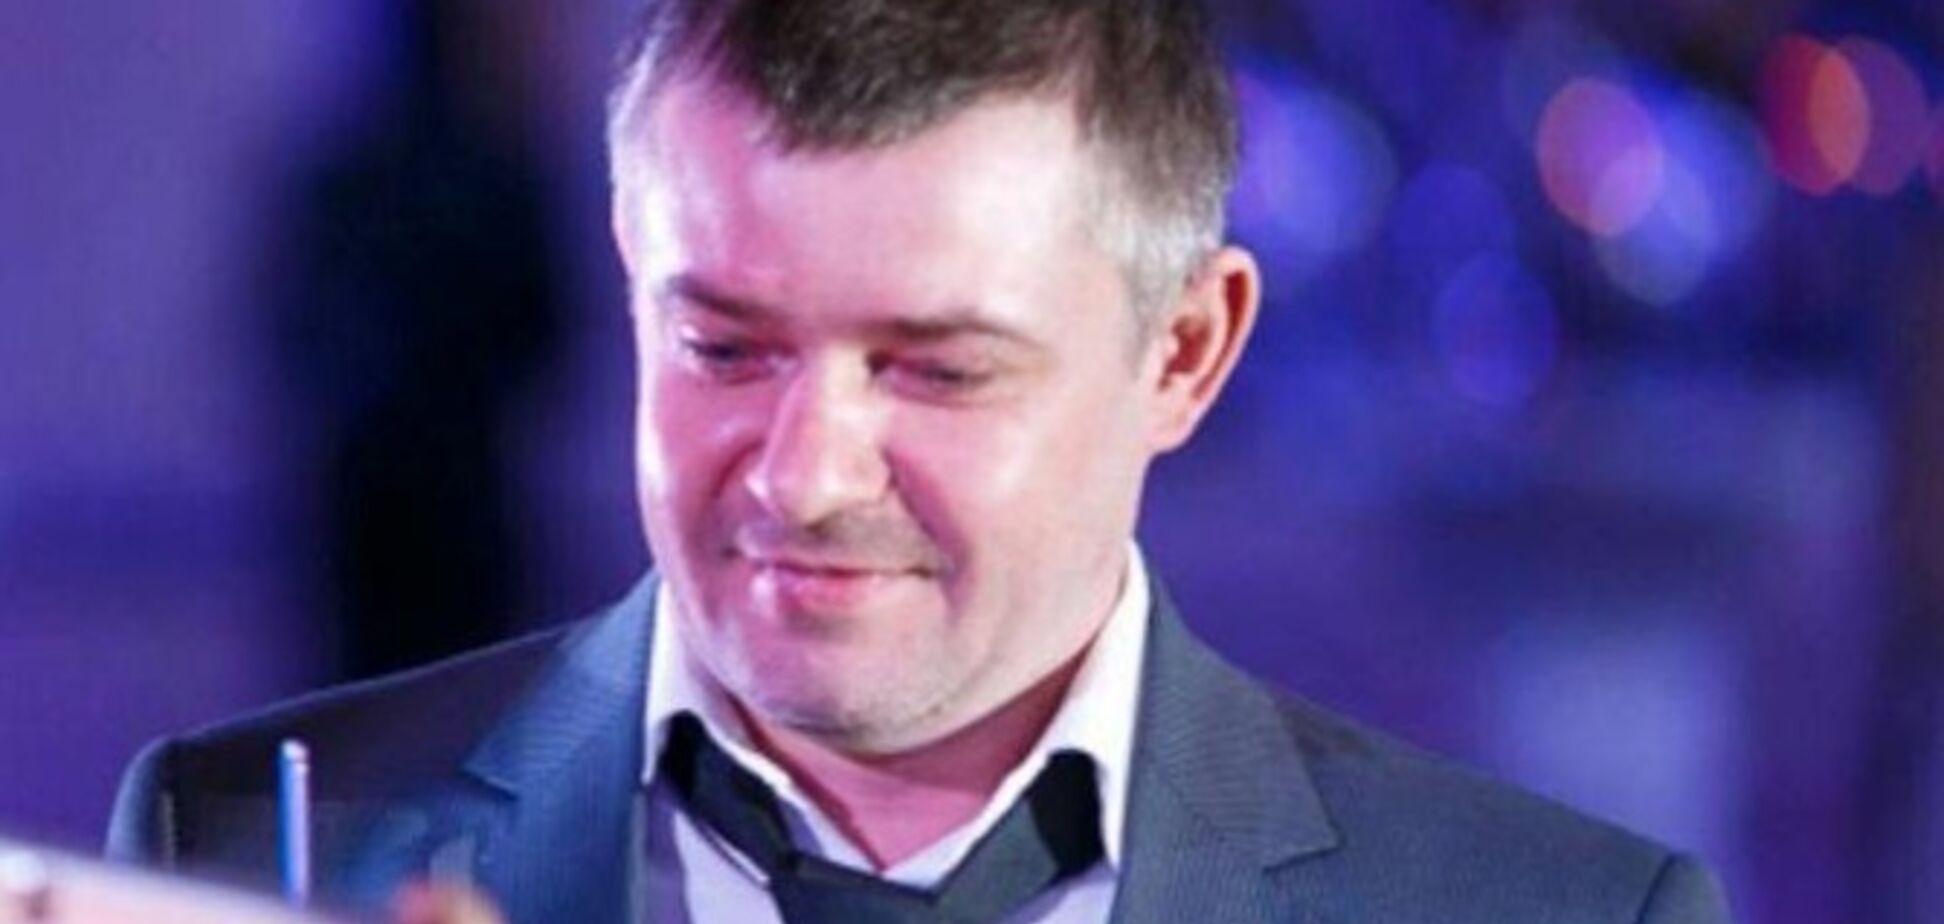 Вбивство сина екс-нардепа у Києві: з'явилося відео з камер спостереження